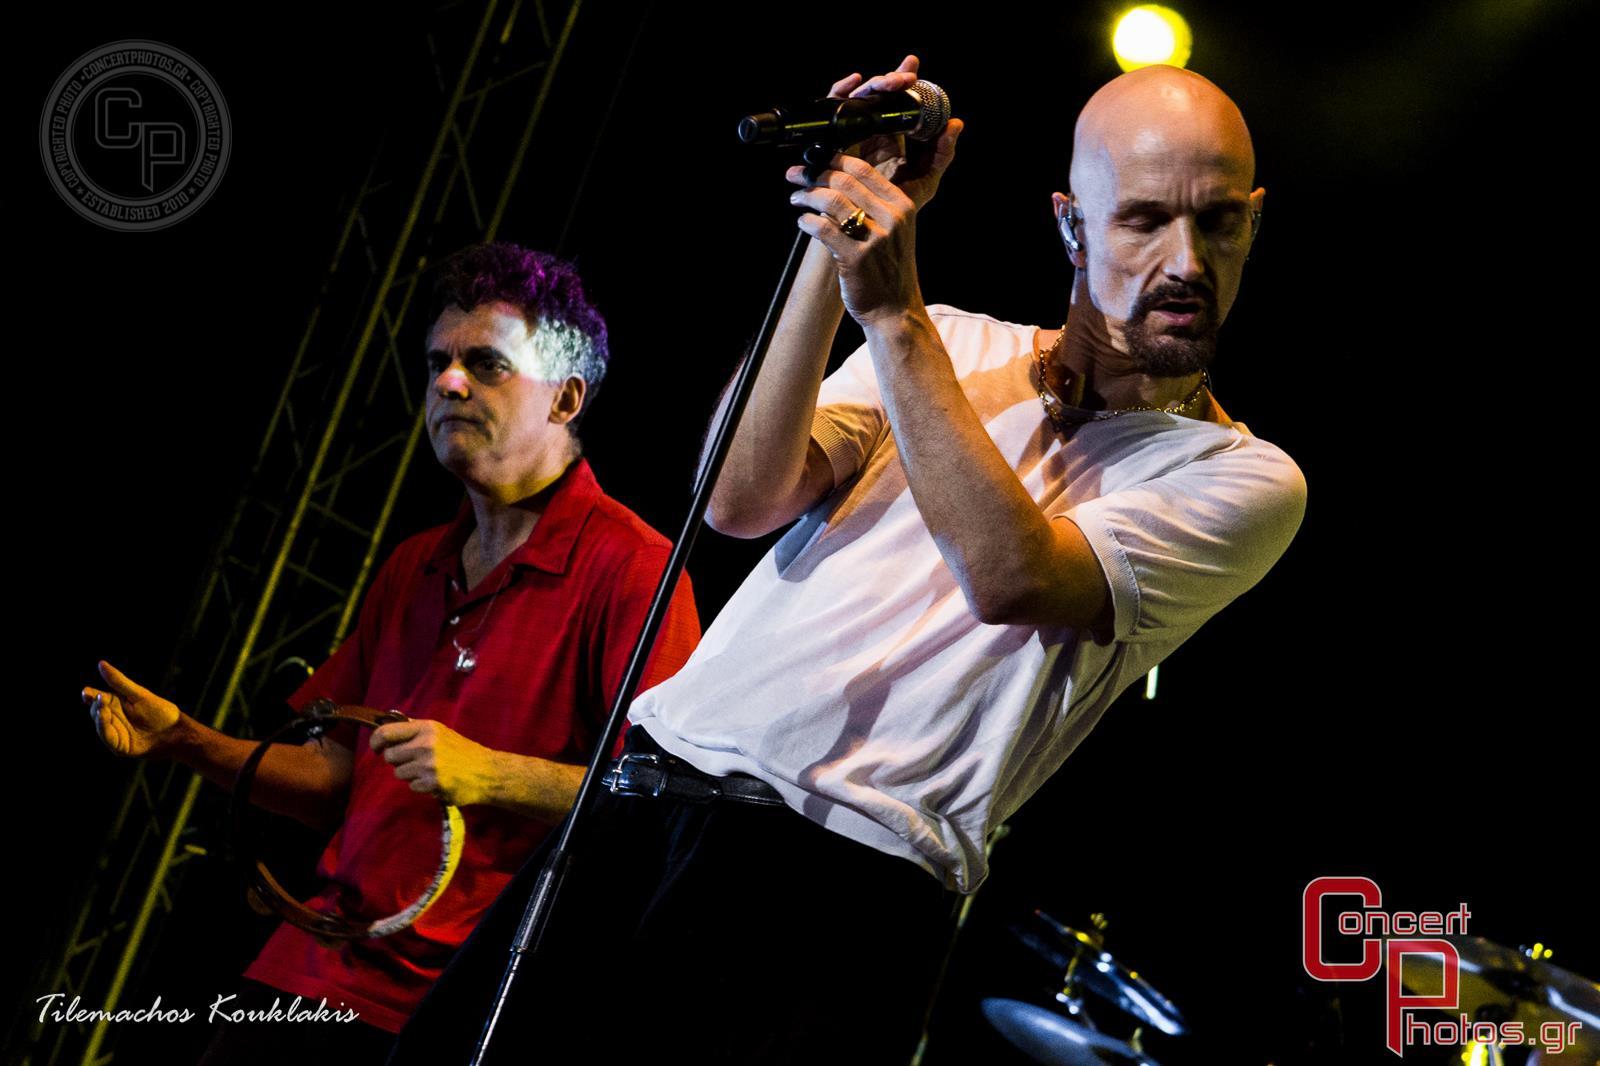 James & Moan-James-Theatro Vrachon photographer:  - Rockwave-2014-27